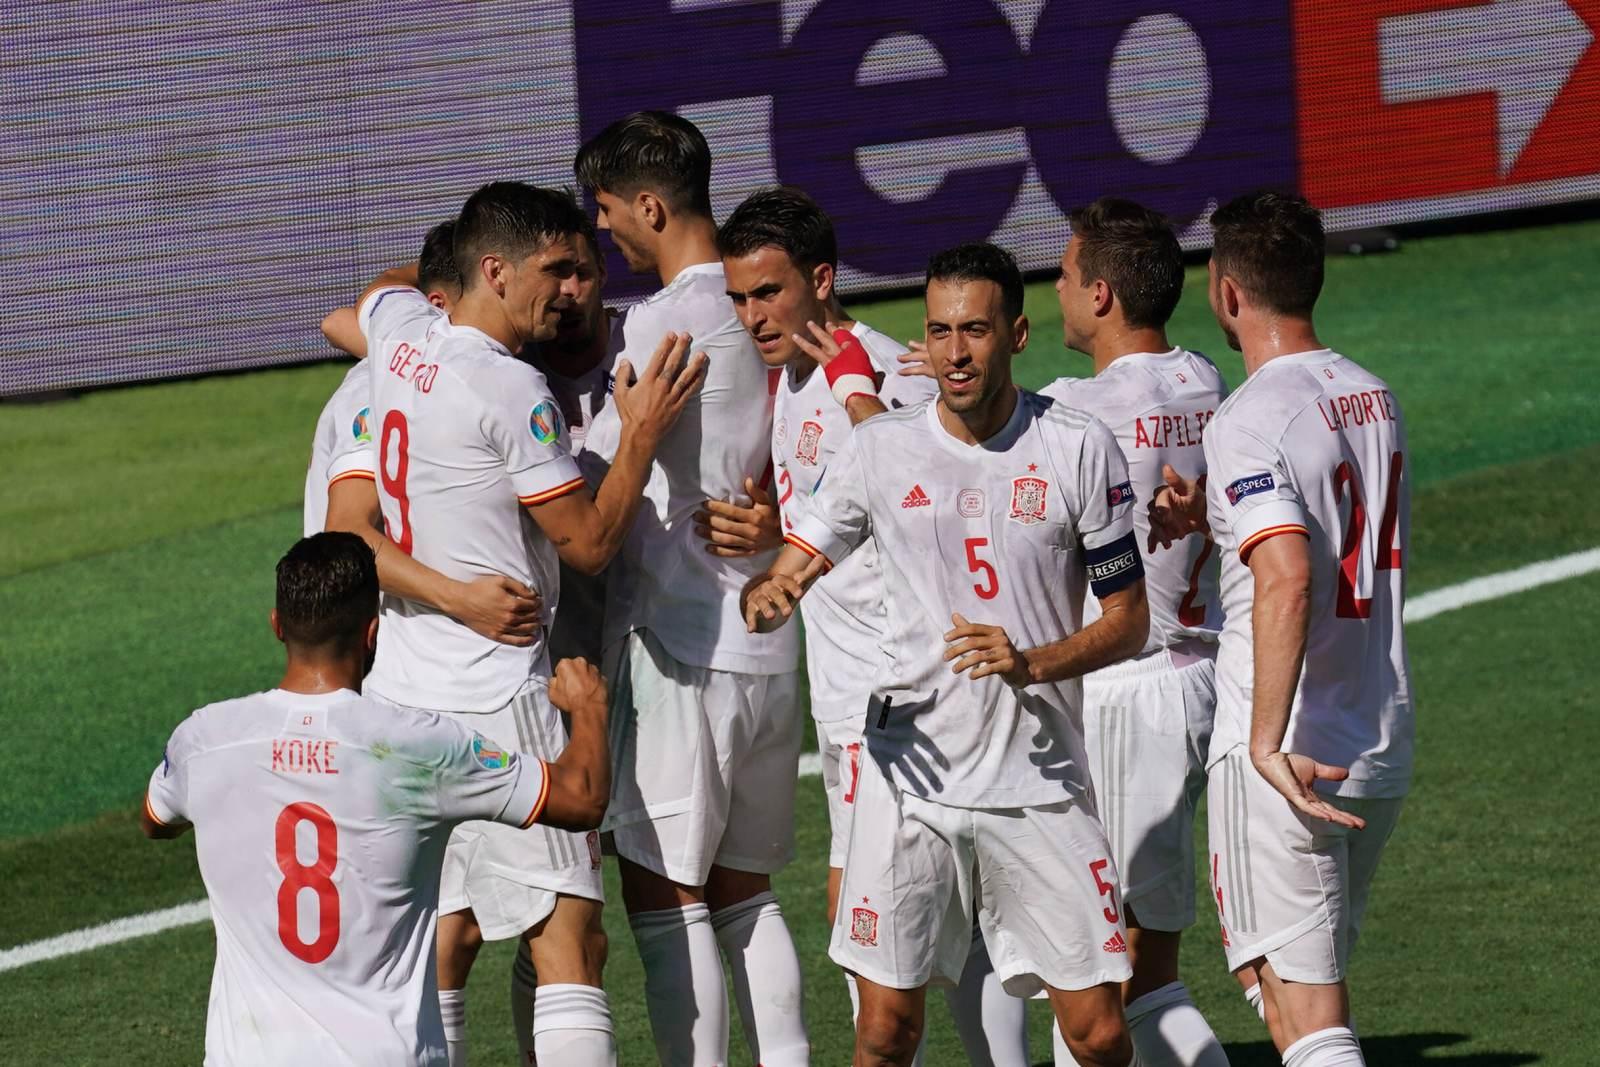 Курьёзный автогол, овертайм, хоккейный счёт: сборная Испании обыграла Хорватию в самом событийном матче Евро-2020